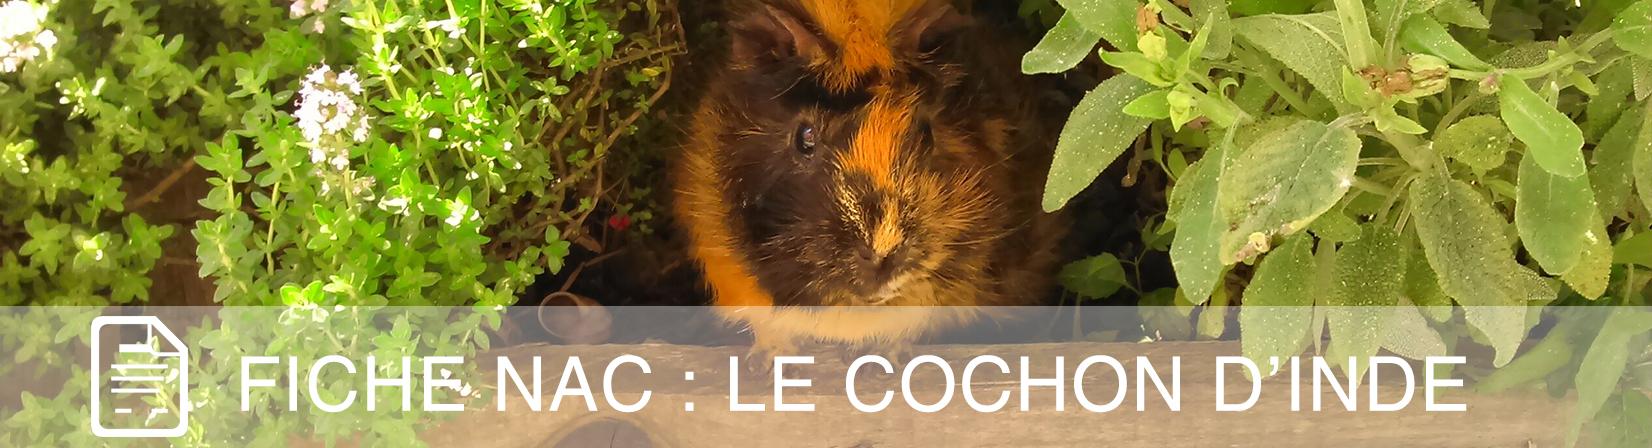 fiche-nac-chon